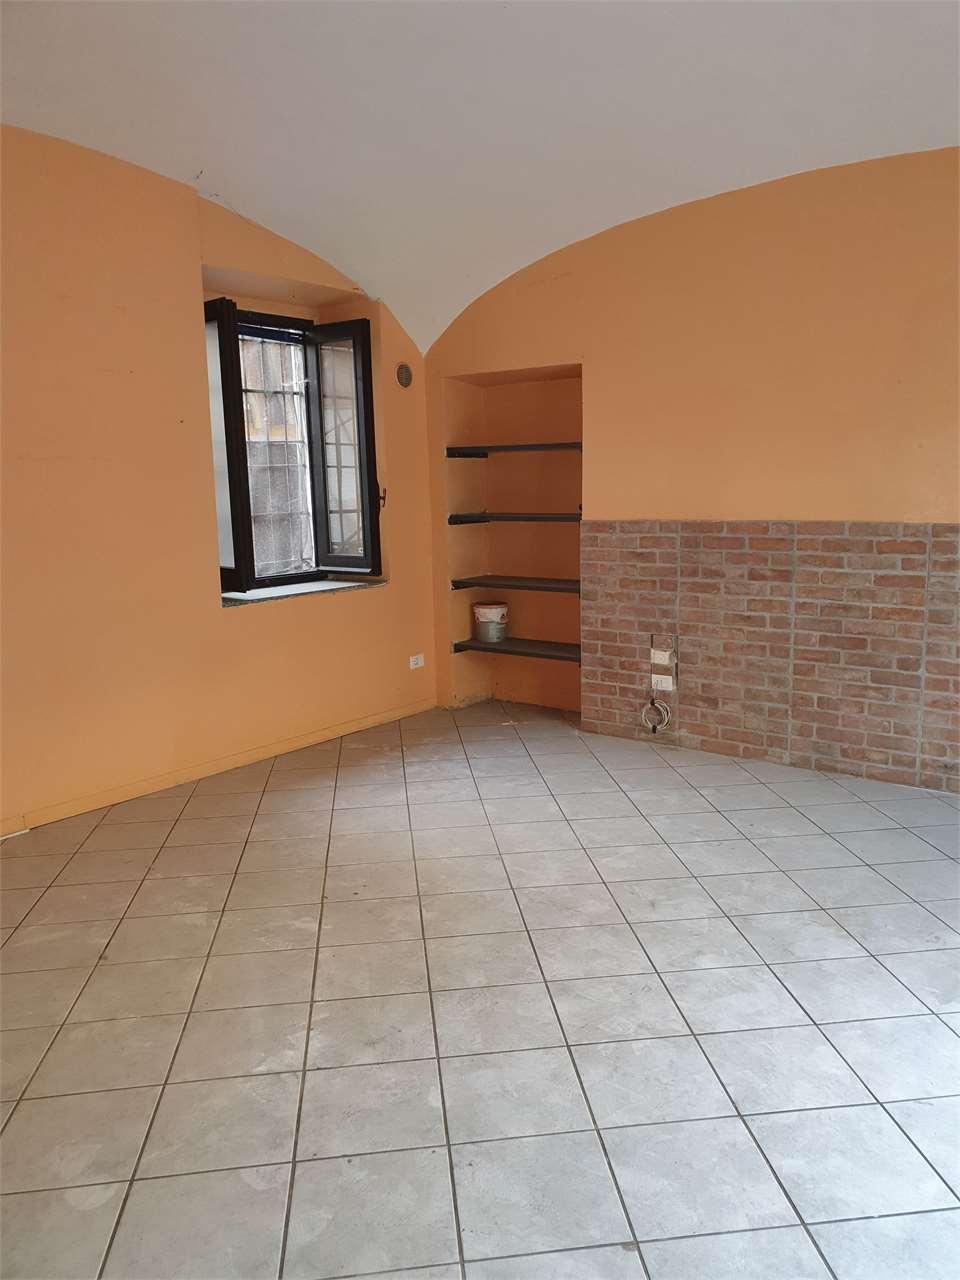 Negozio / Locale in vendita a Casale Monferrato, 1 locali, prezzo € 35.000 | CambioCasa.it